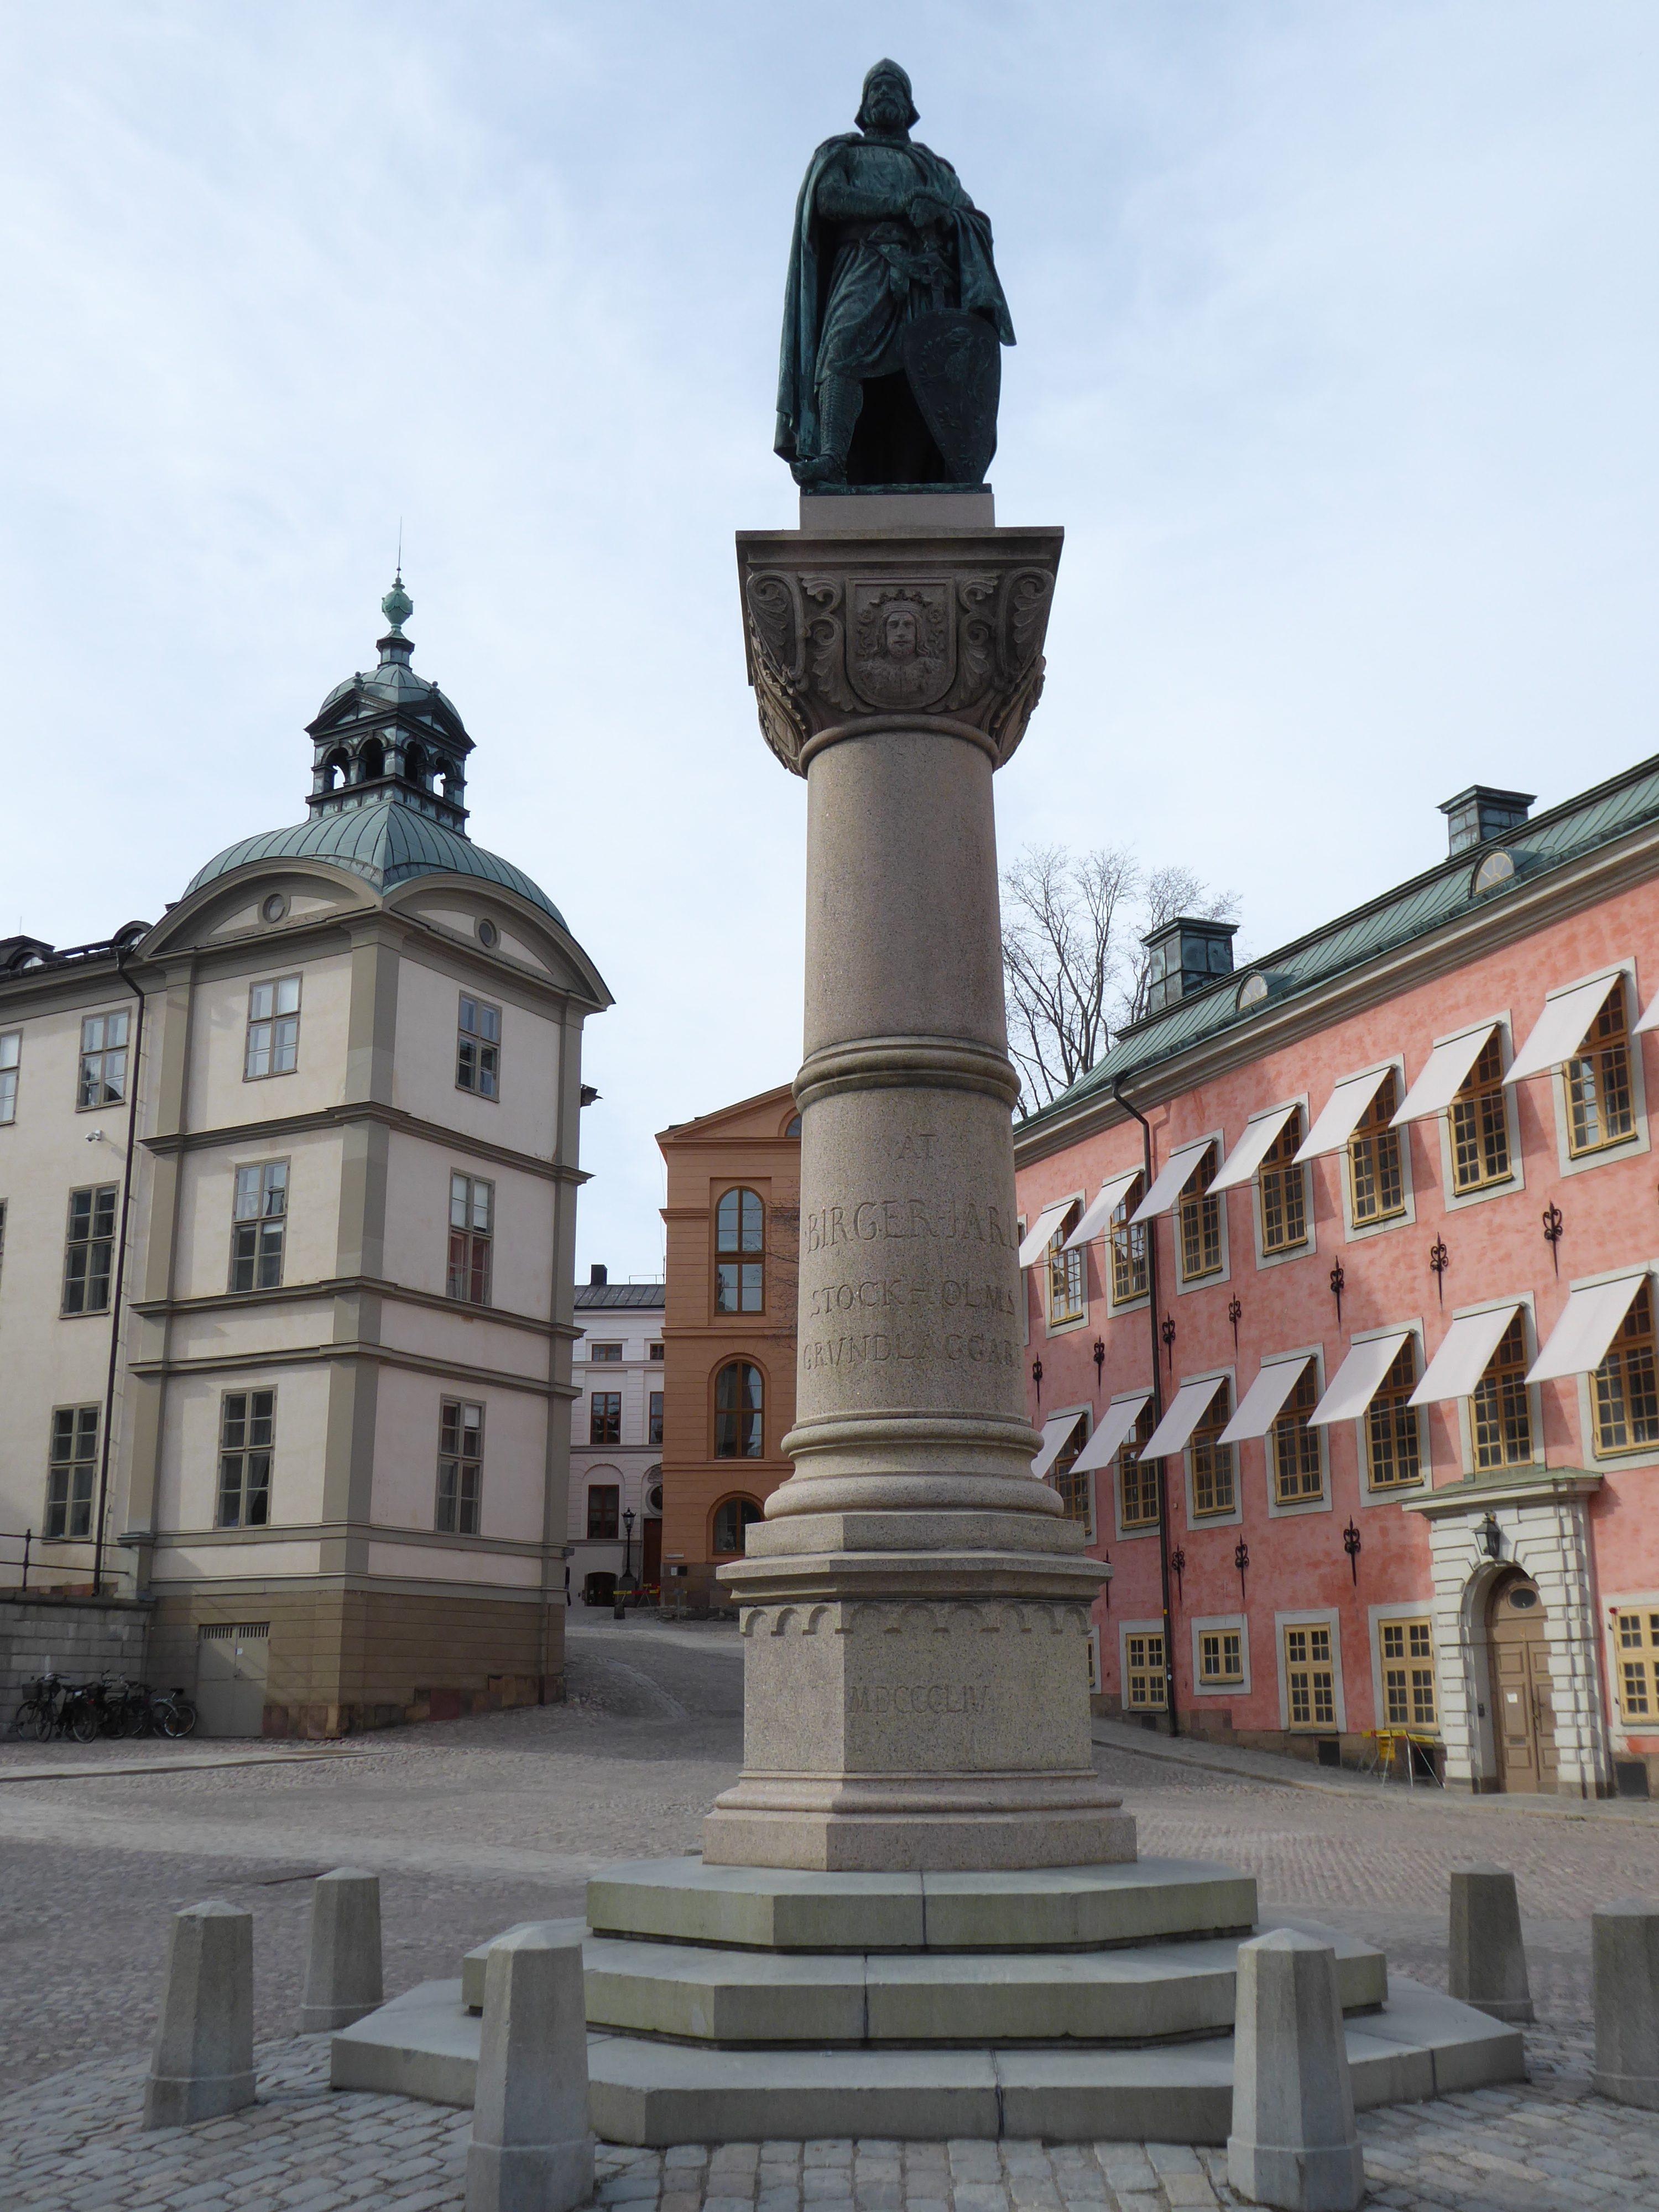 Central statue of Birger Jarl, in backgroundred building on ight, white building on left on Riddarholmen island, Stockholm